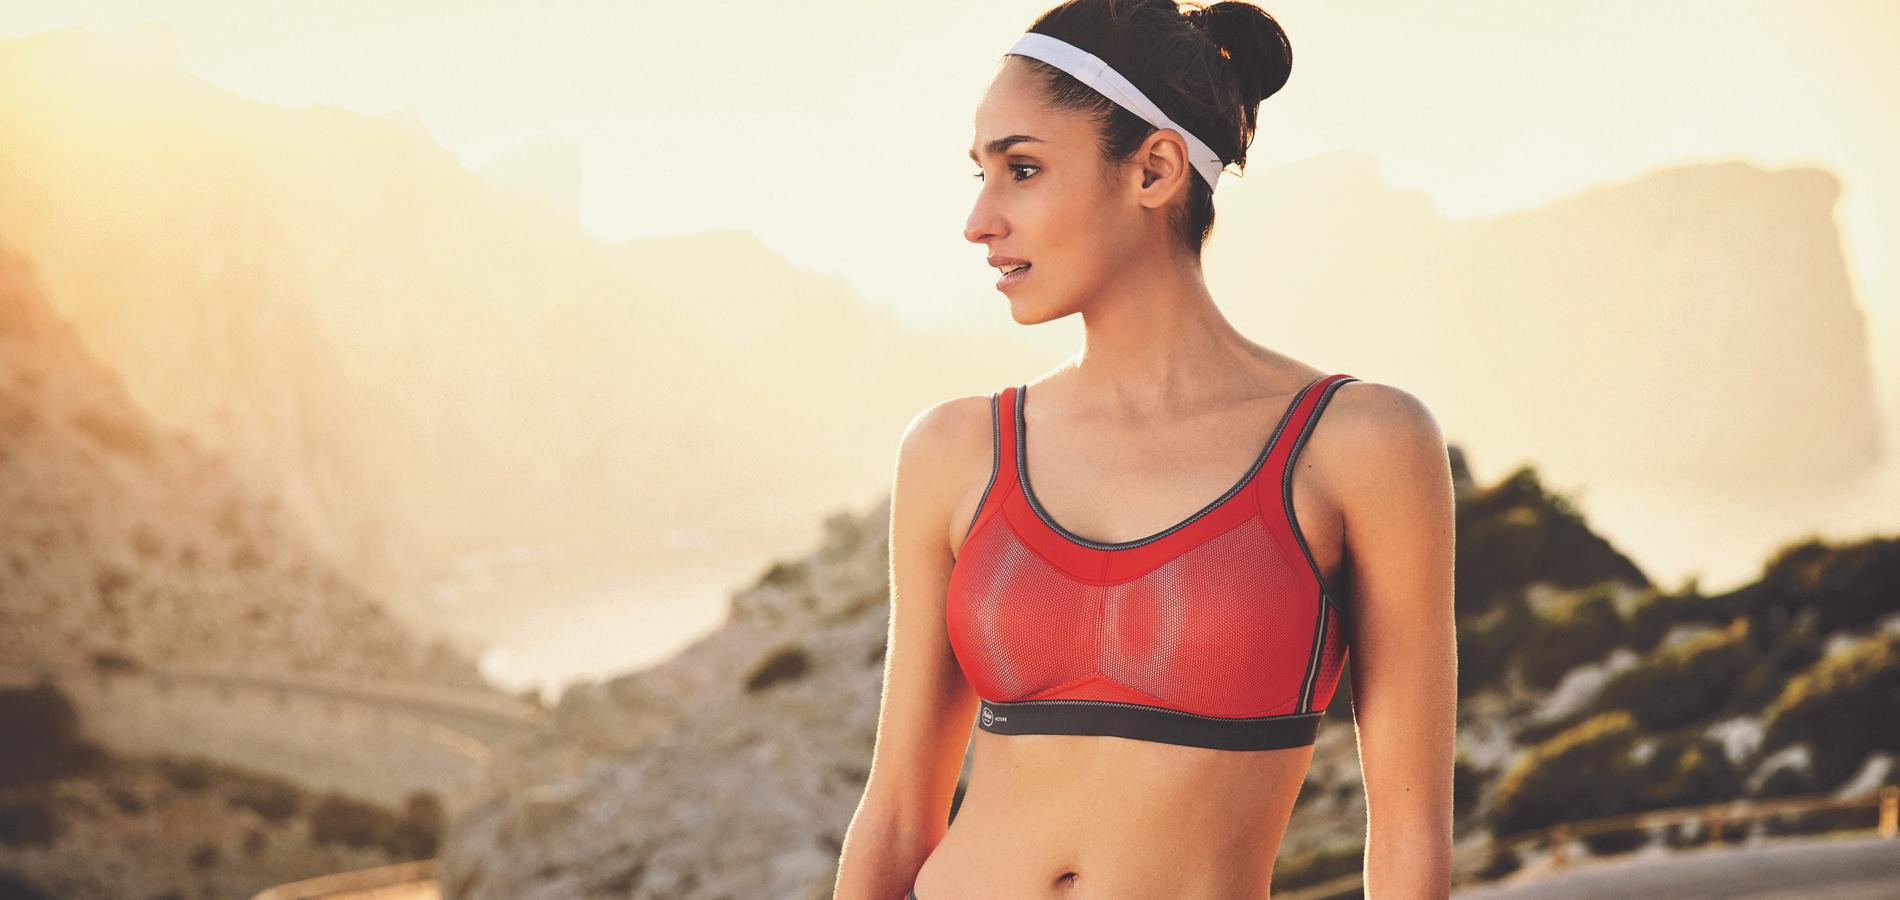 Porter une brassière ou un soutien-gorge de sport est indispensable lorsque  l on court. Quelques règles simples sont à respecter pour courir en toute  ... c119dc22185